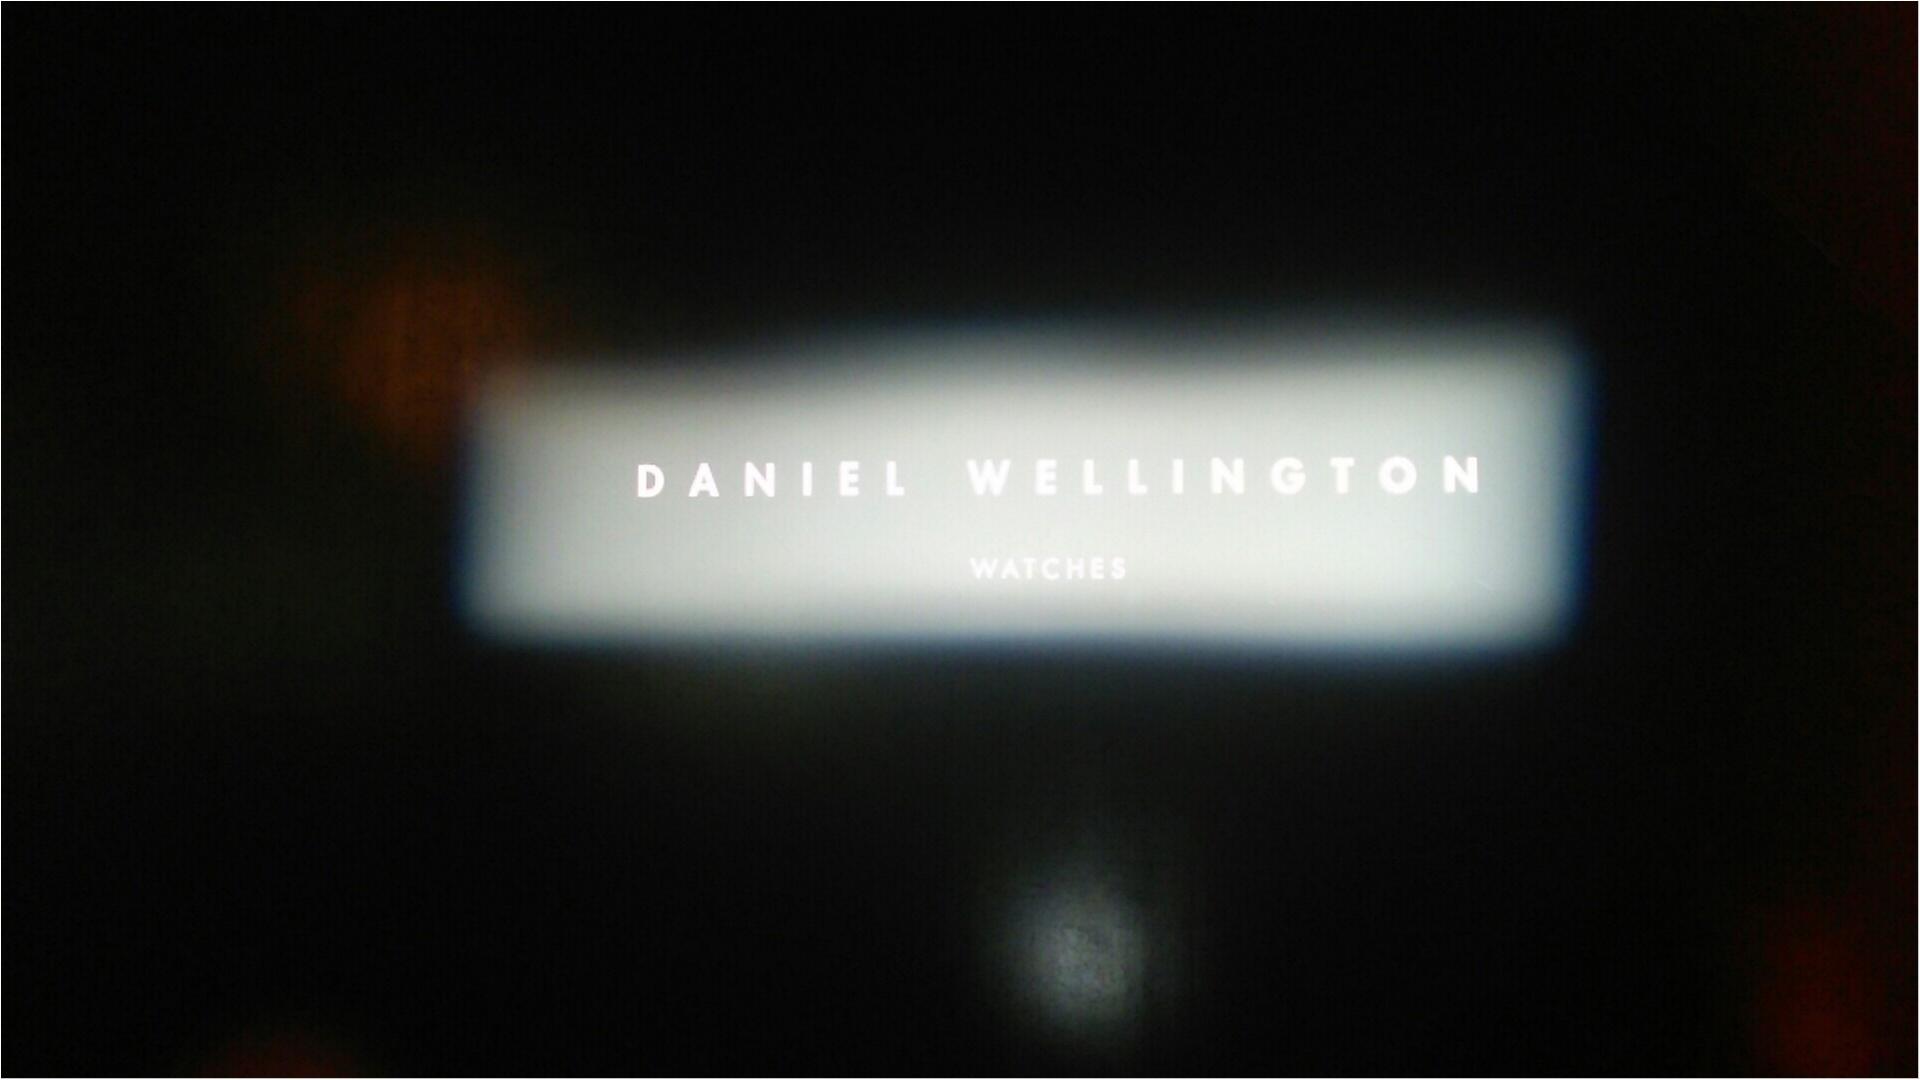 【♥︎♥︎♥︎】流行りの人はみーんな持ってる♡Daniel WellingtonのAfter Partyに行ってきました:)_1